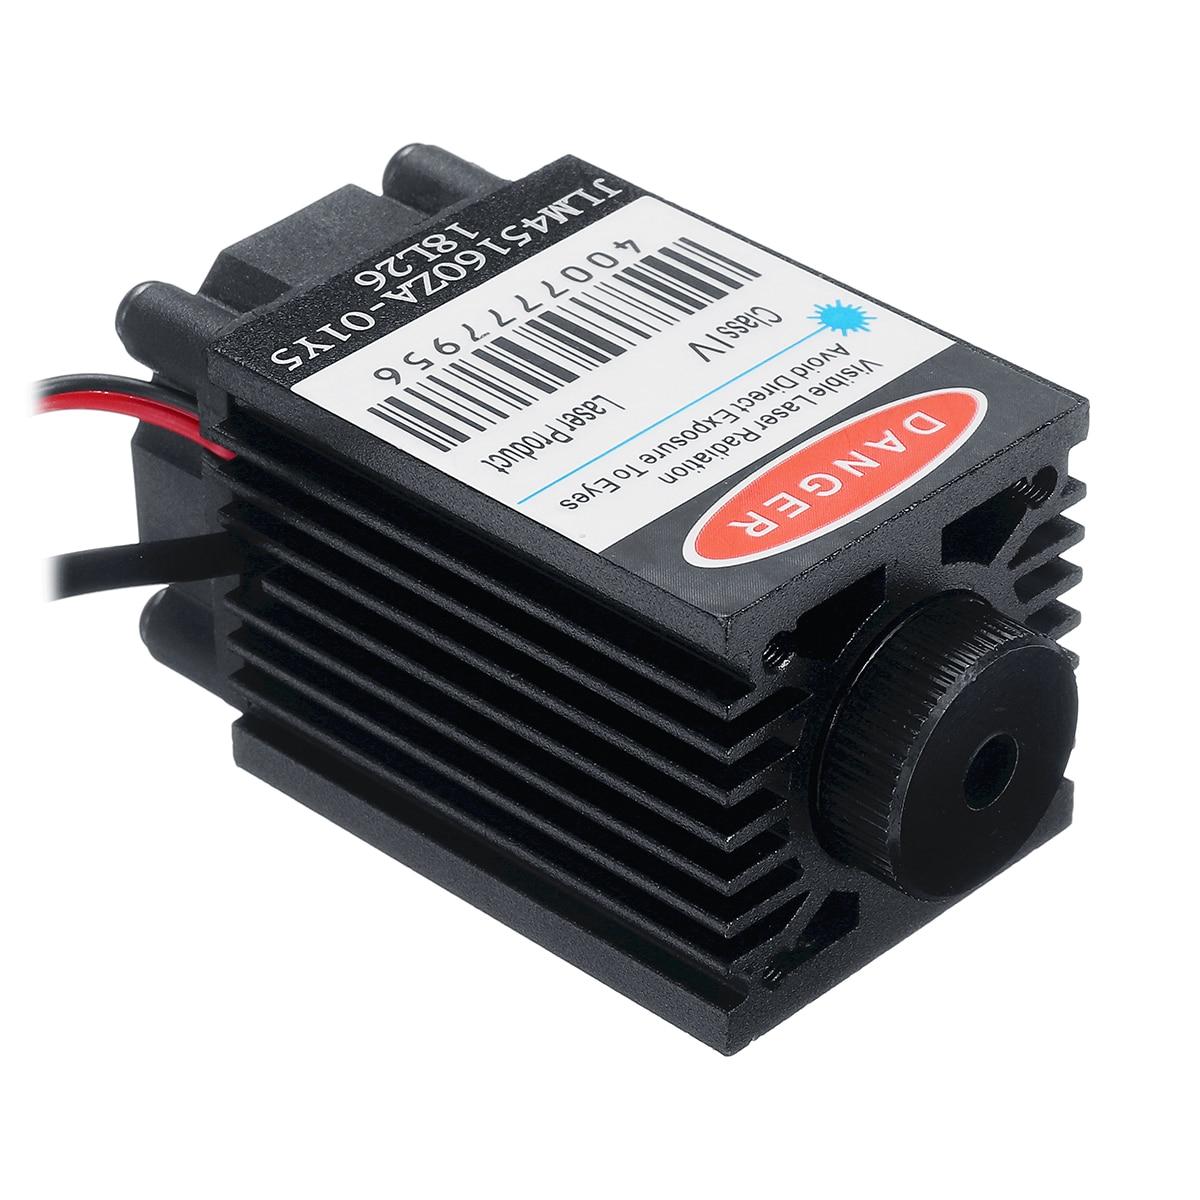 2,5 W 450nm синий лазерный модуль TTL 12V фокусируемая высокая мощность + очки для режущий лазер cnc гравировальный станок детали для деревообработк...